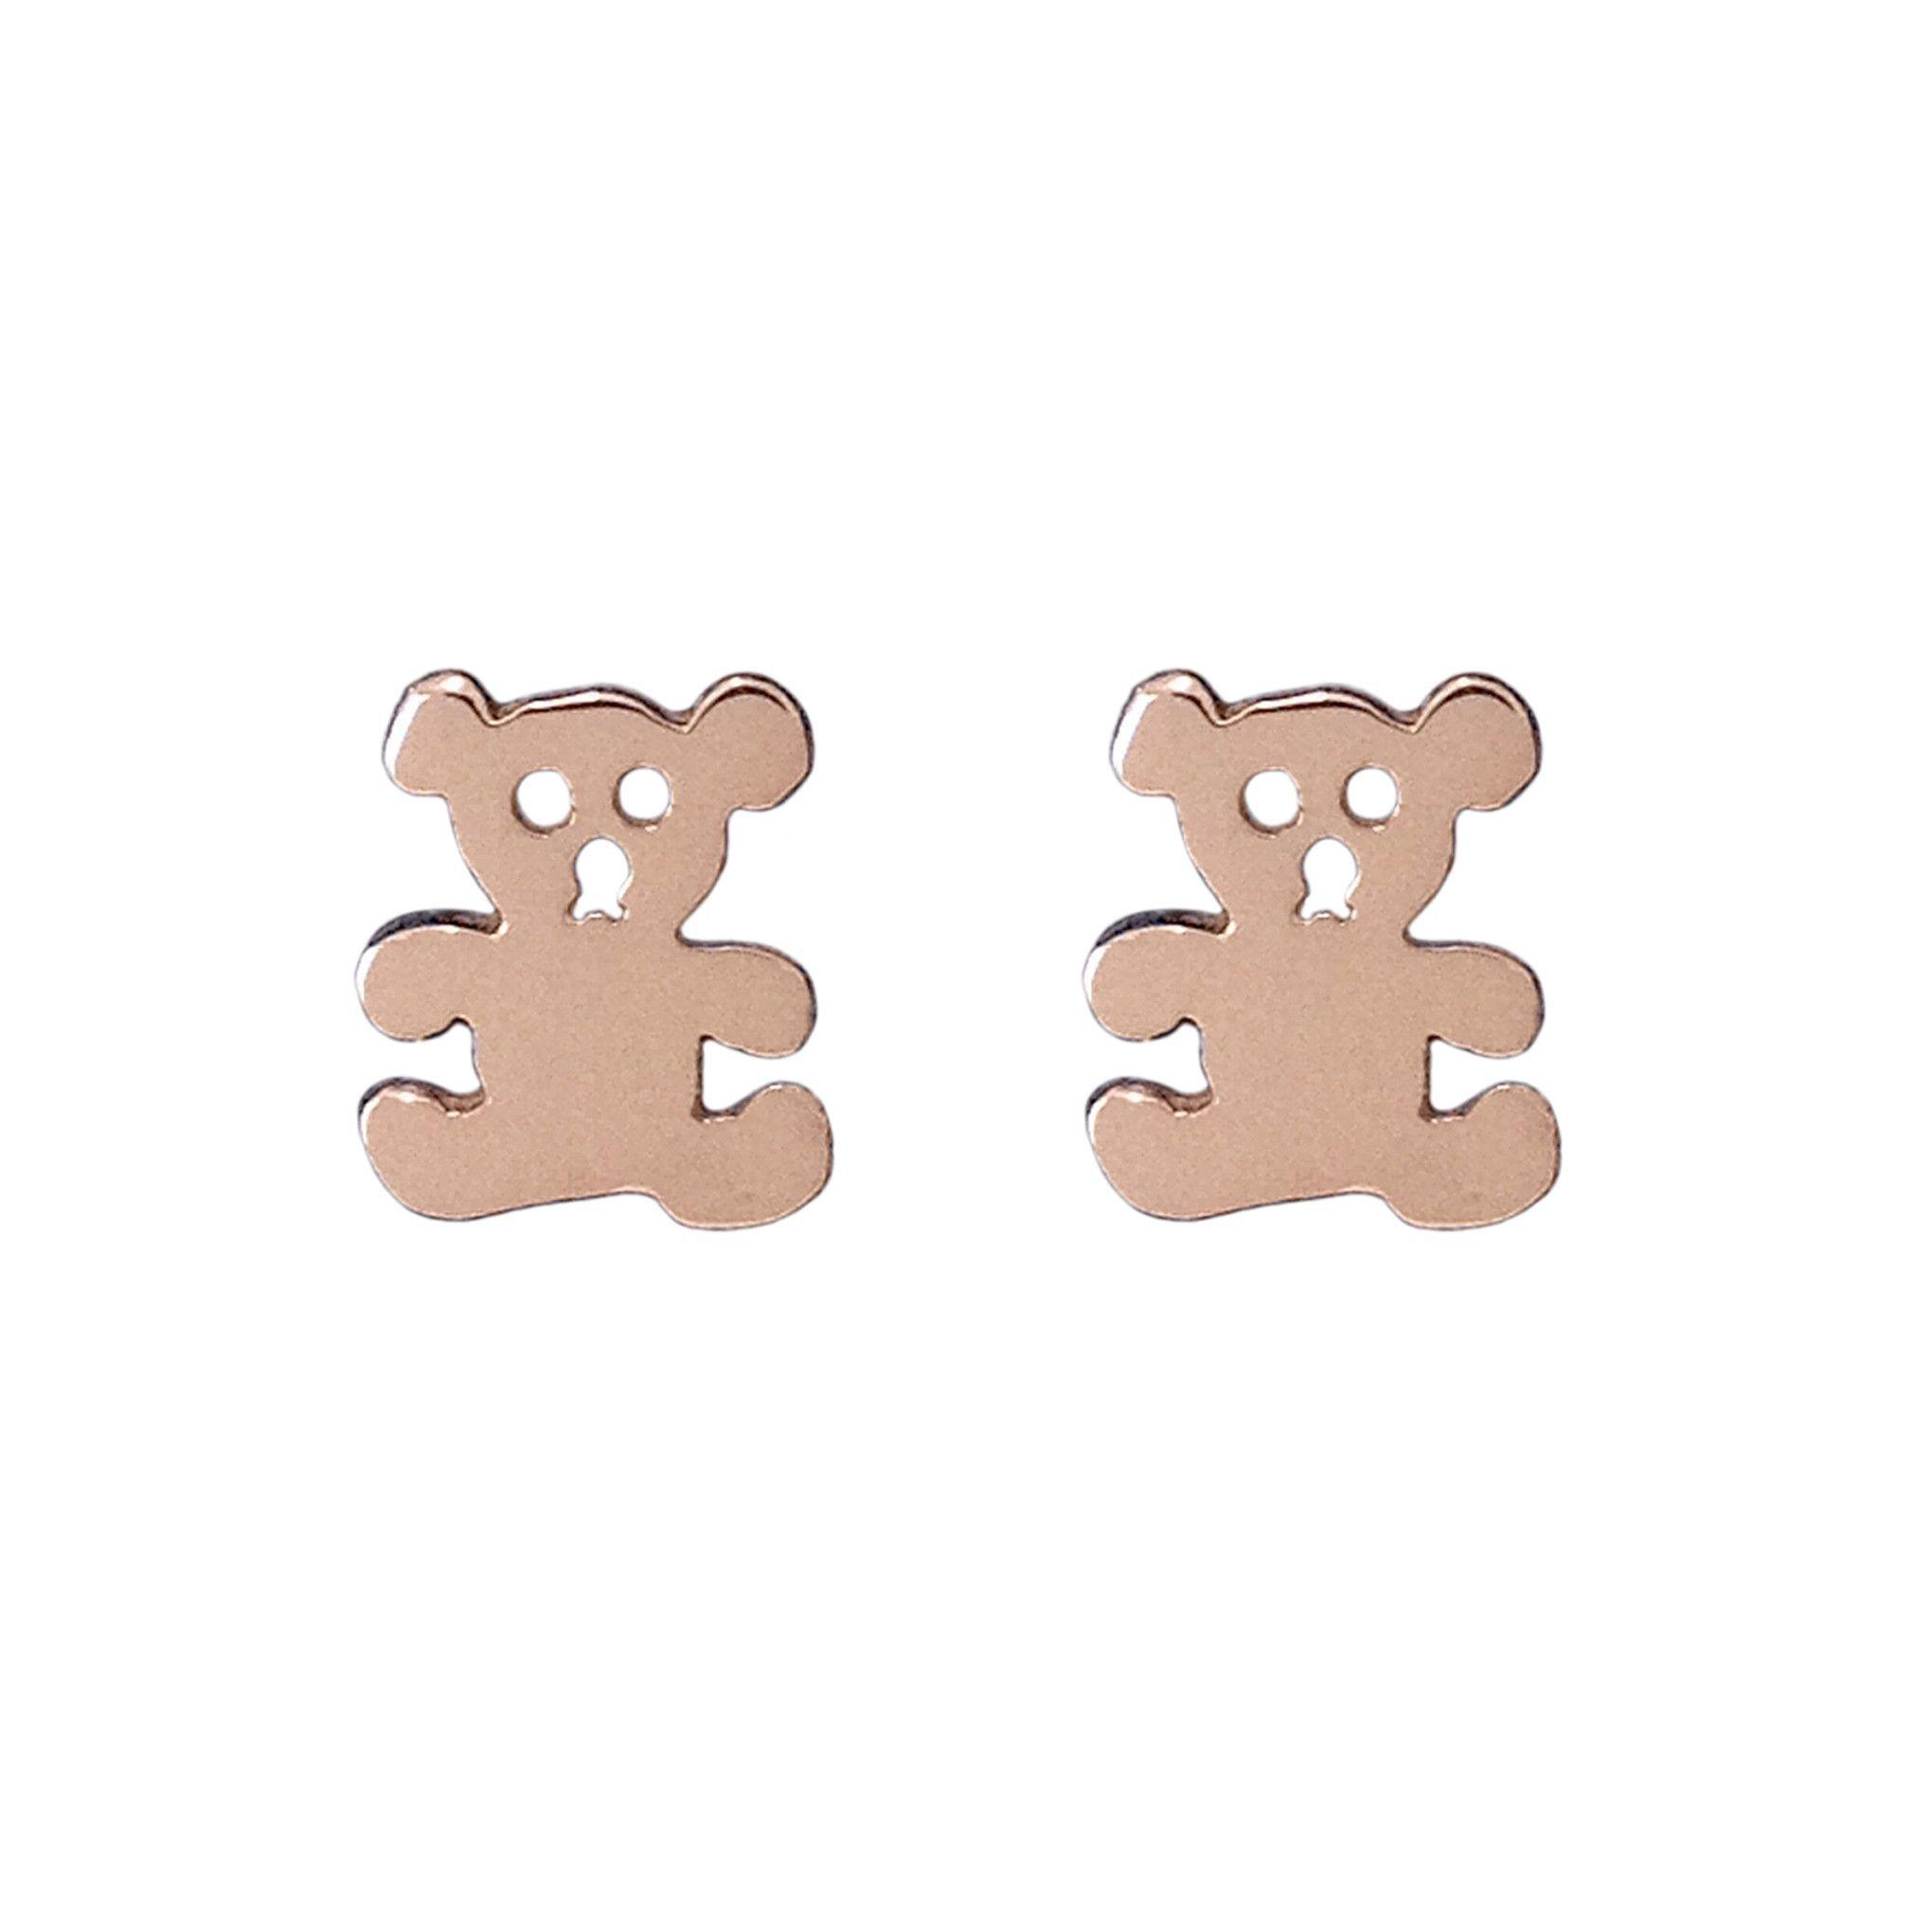 14K Gold Teddy Bear Stud Earrings